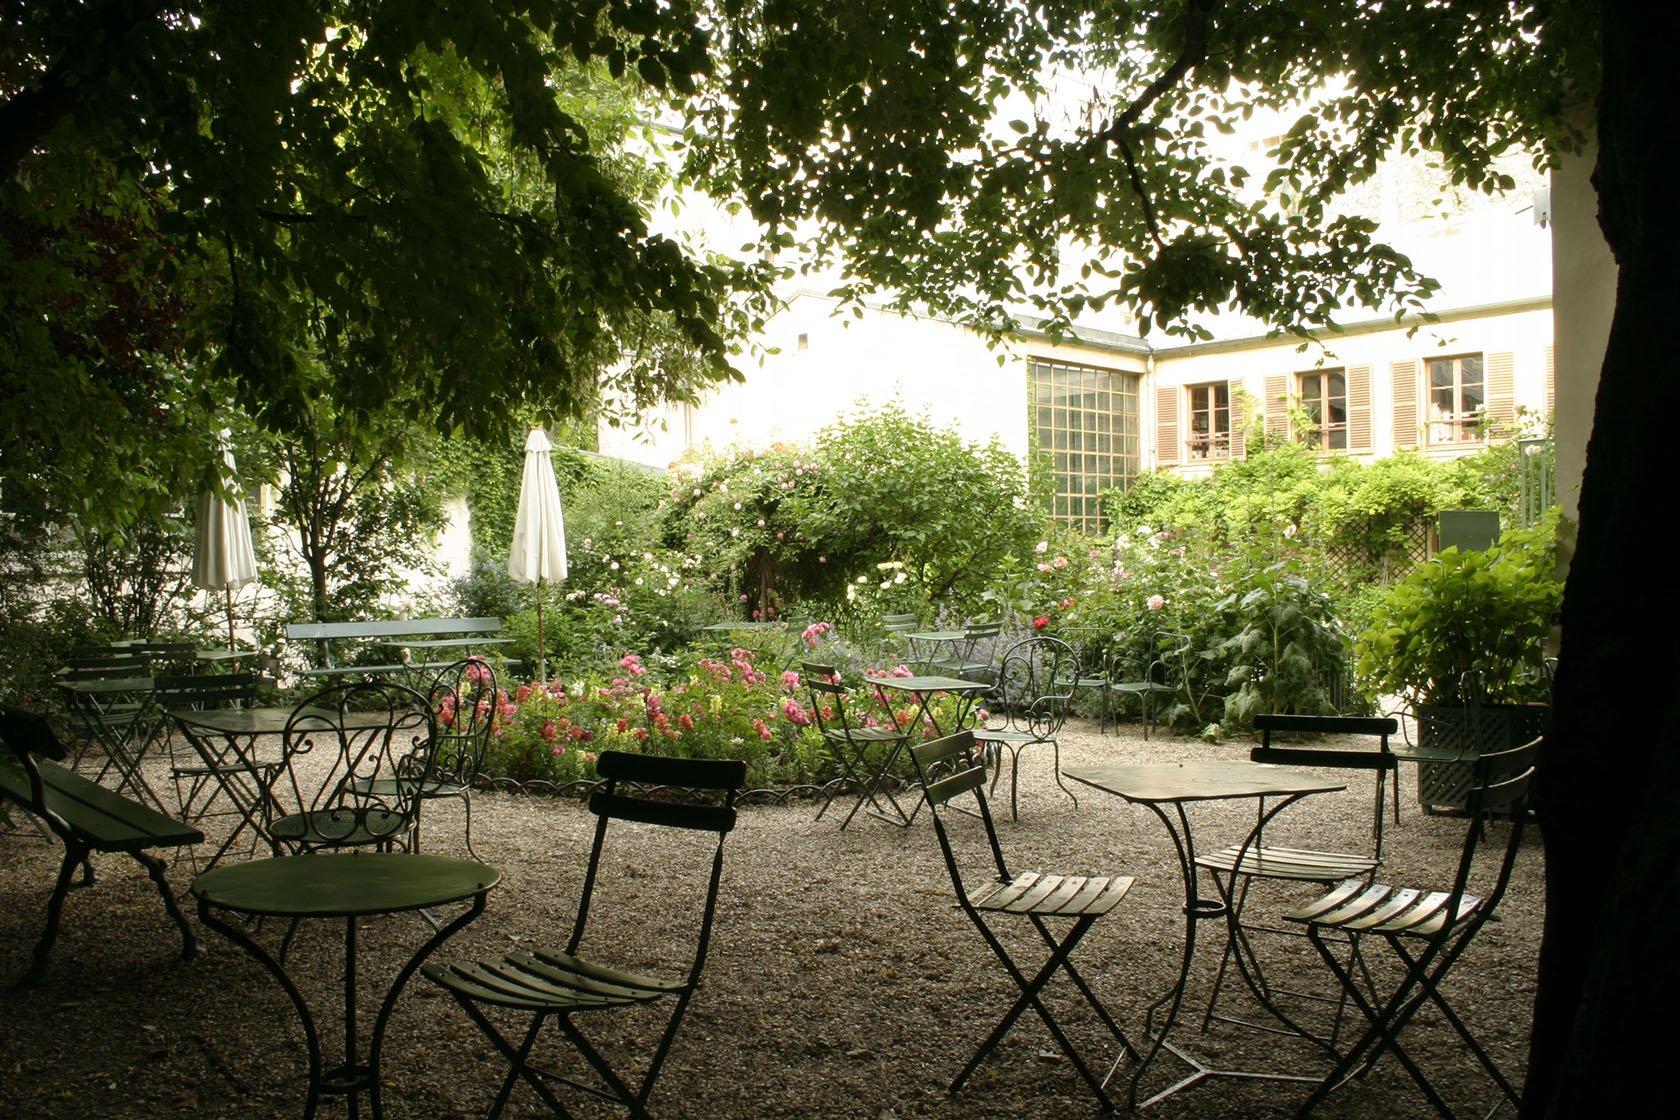 The Best Places to Eat Outside in Paris- Musee de la Vie Romantique, Photo by D. Messina